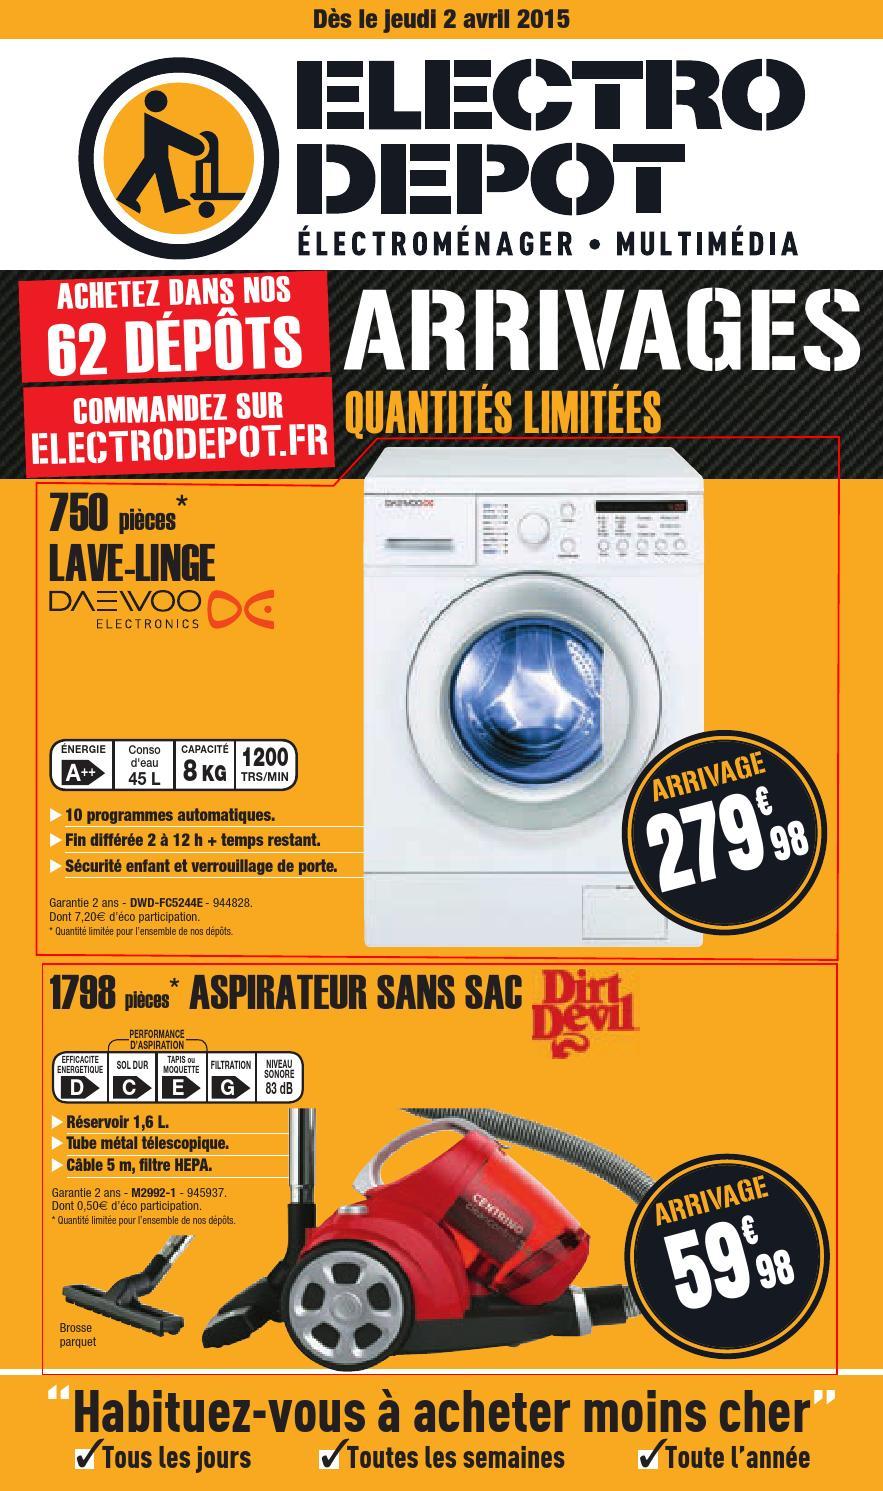 electrodepot catalogue 2avril2015 by